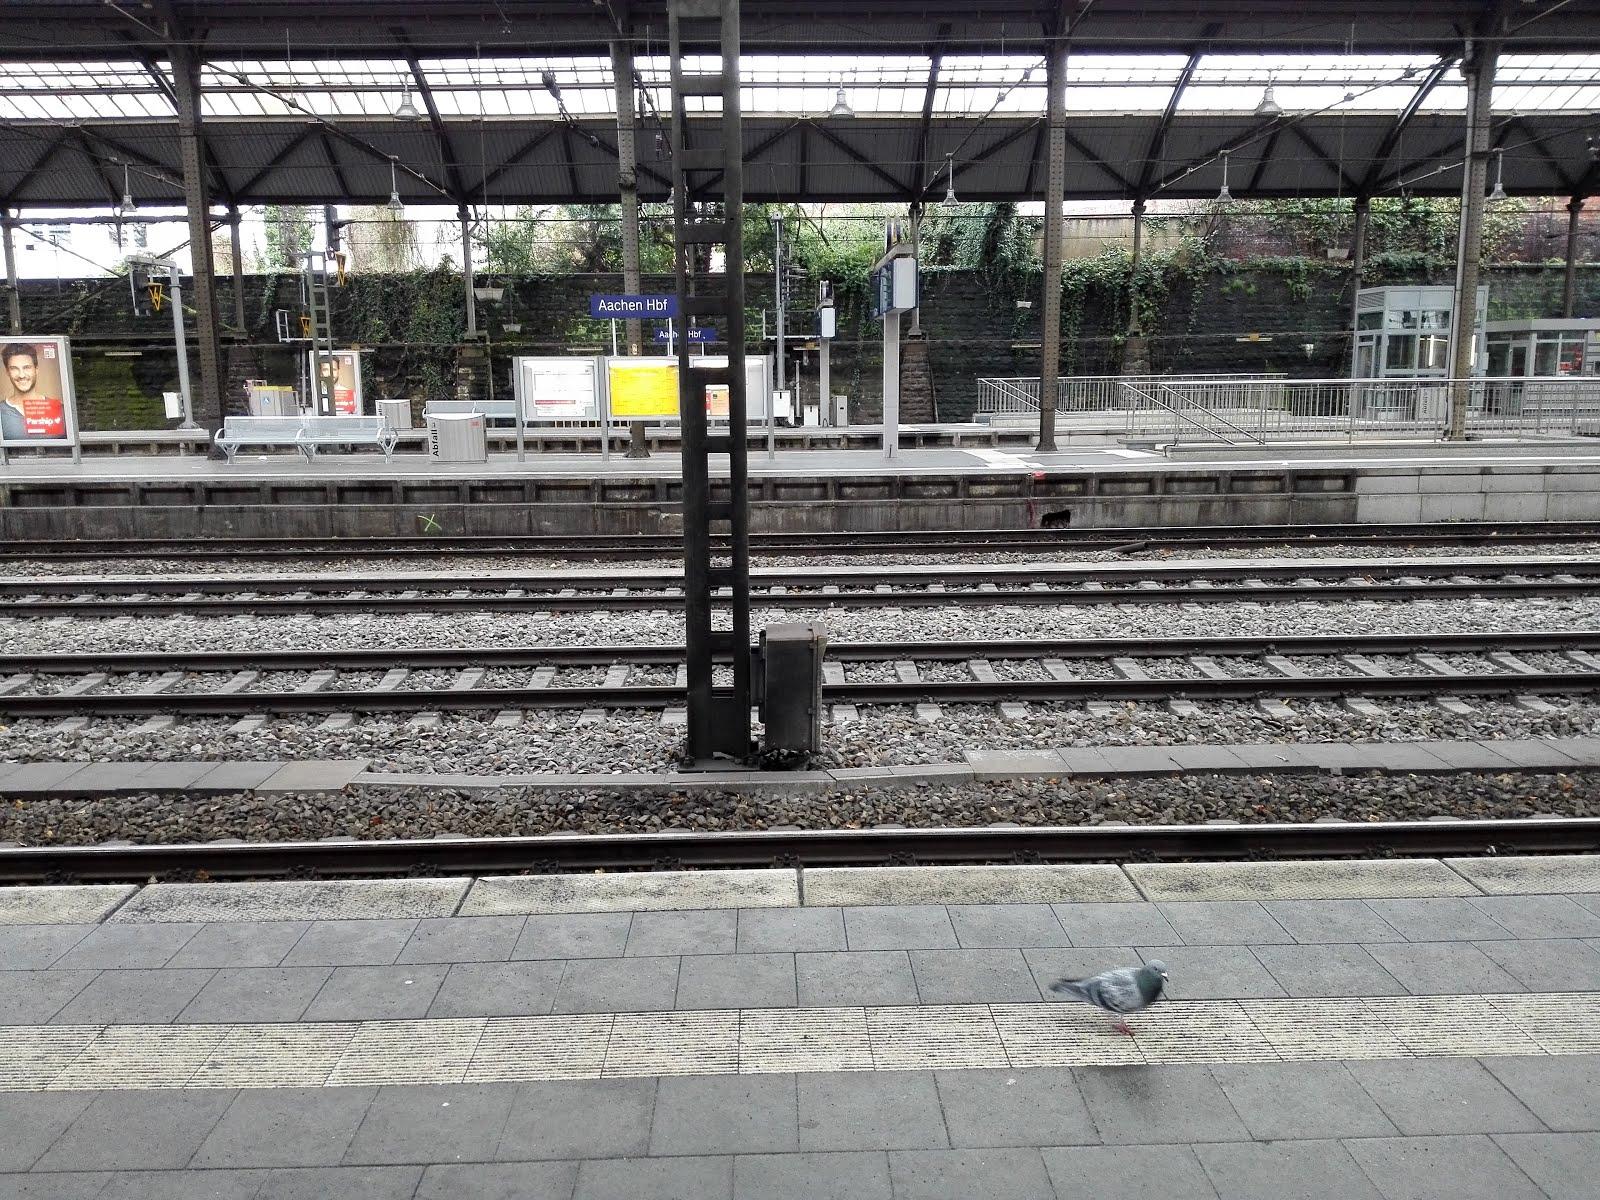 Aachen, Saksa